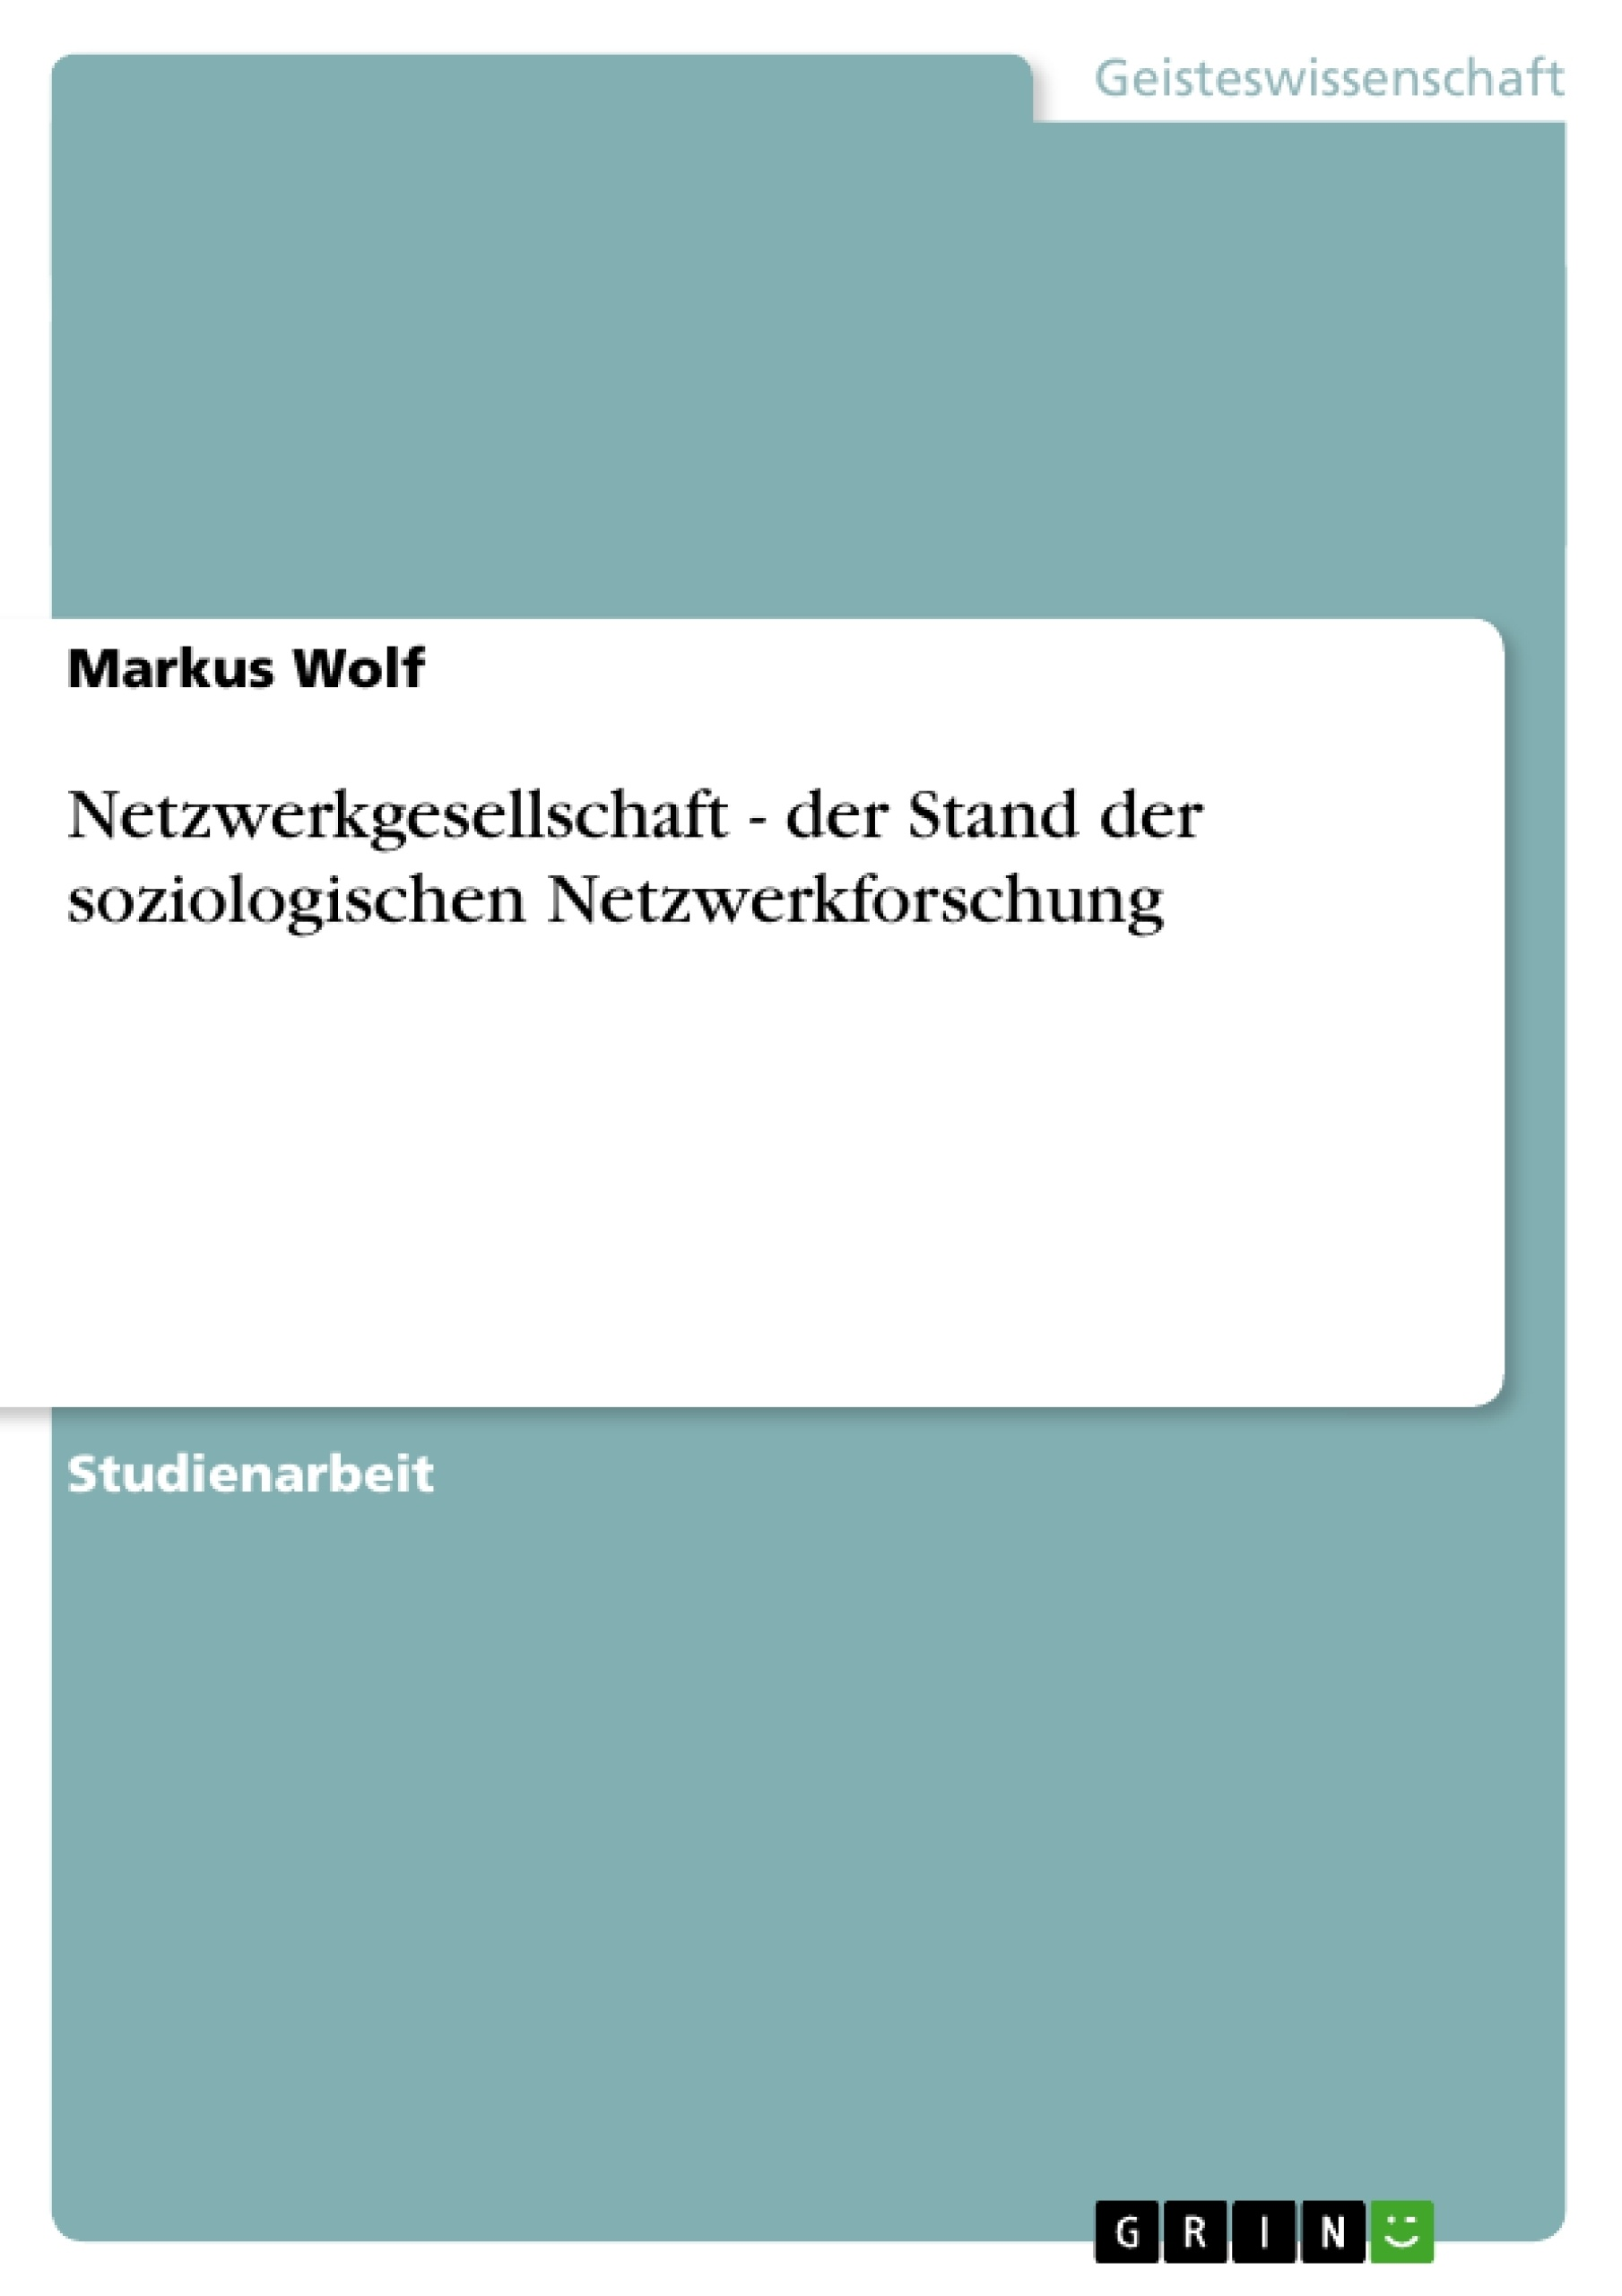 Titel: Netzwerkgesellschaft - der Stand der soziologischen Netzwerkforschung